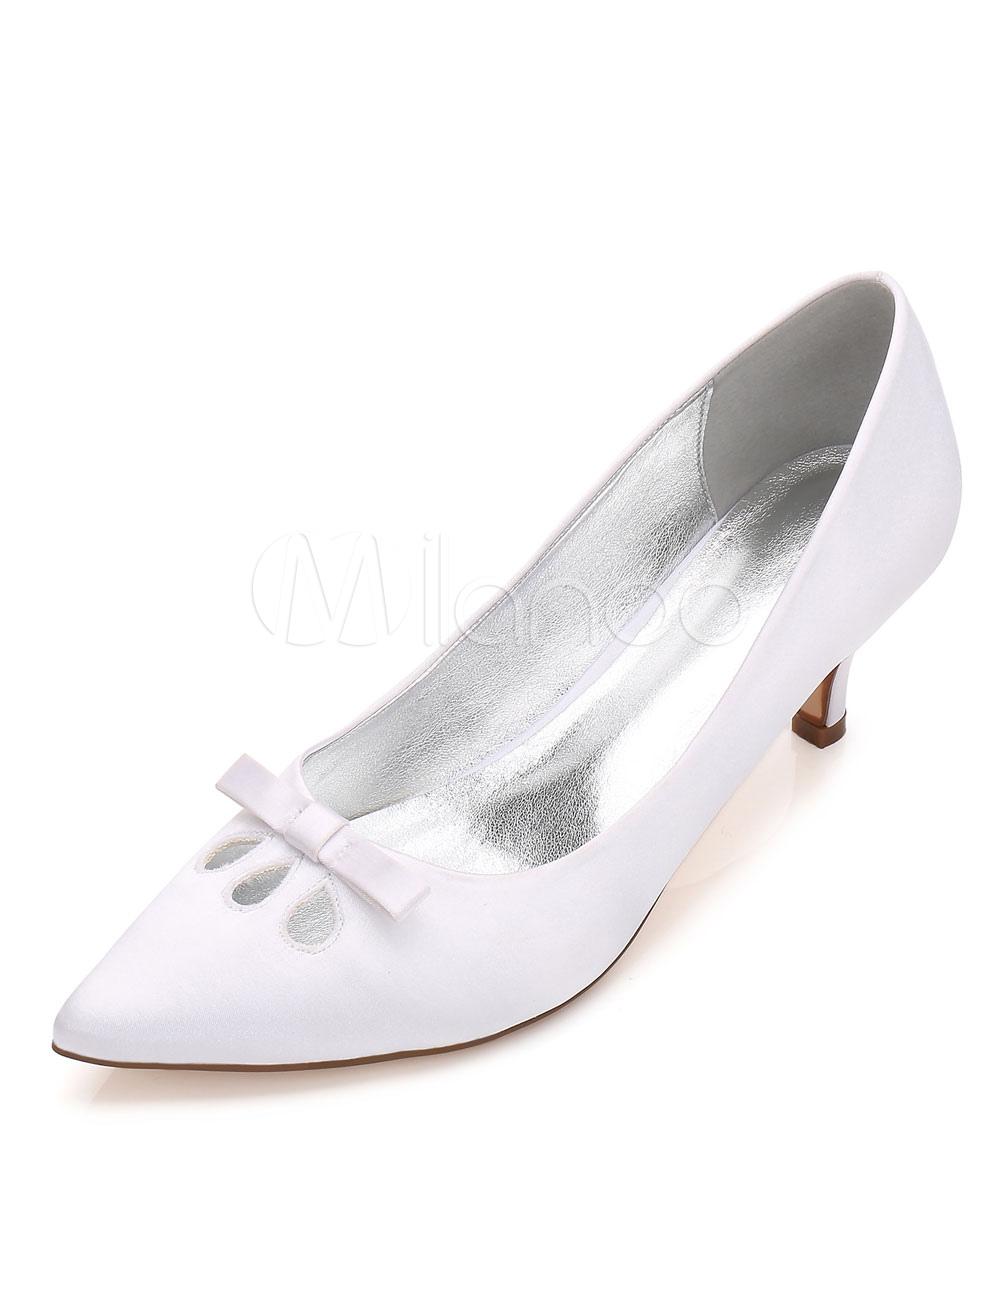 Zapatos de puntera puntiaguada de tacón de kitten de satén con lazo elegantes para boda HqObsLmxF